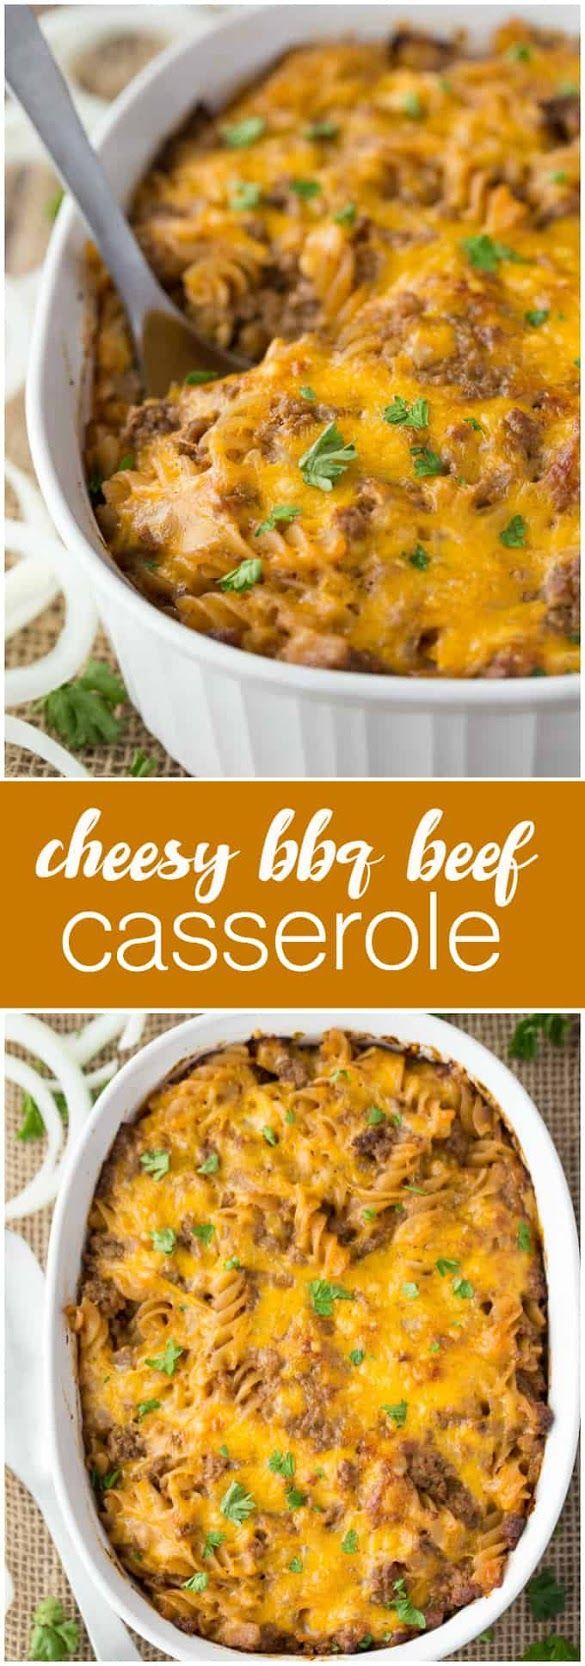 Cheesy Bbq Beef Casserole Recipe Resep Makanan Makanan Resep Daging Sapi